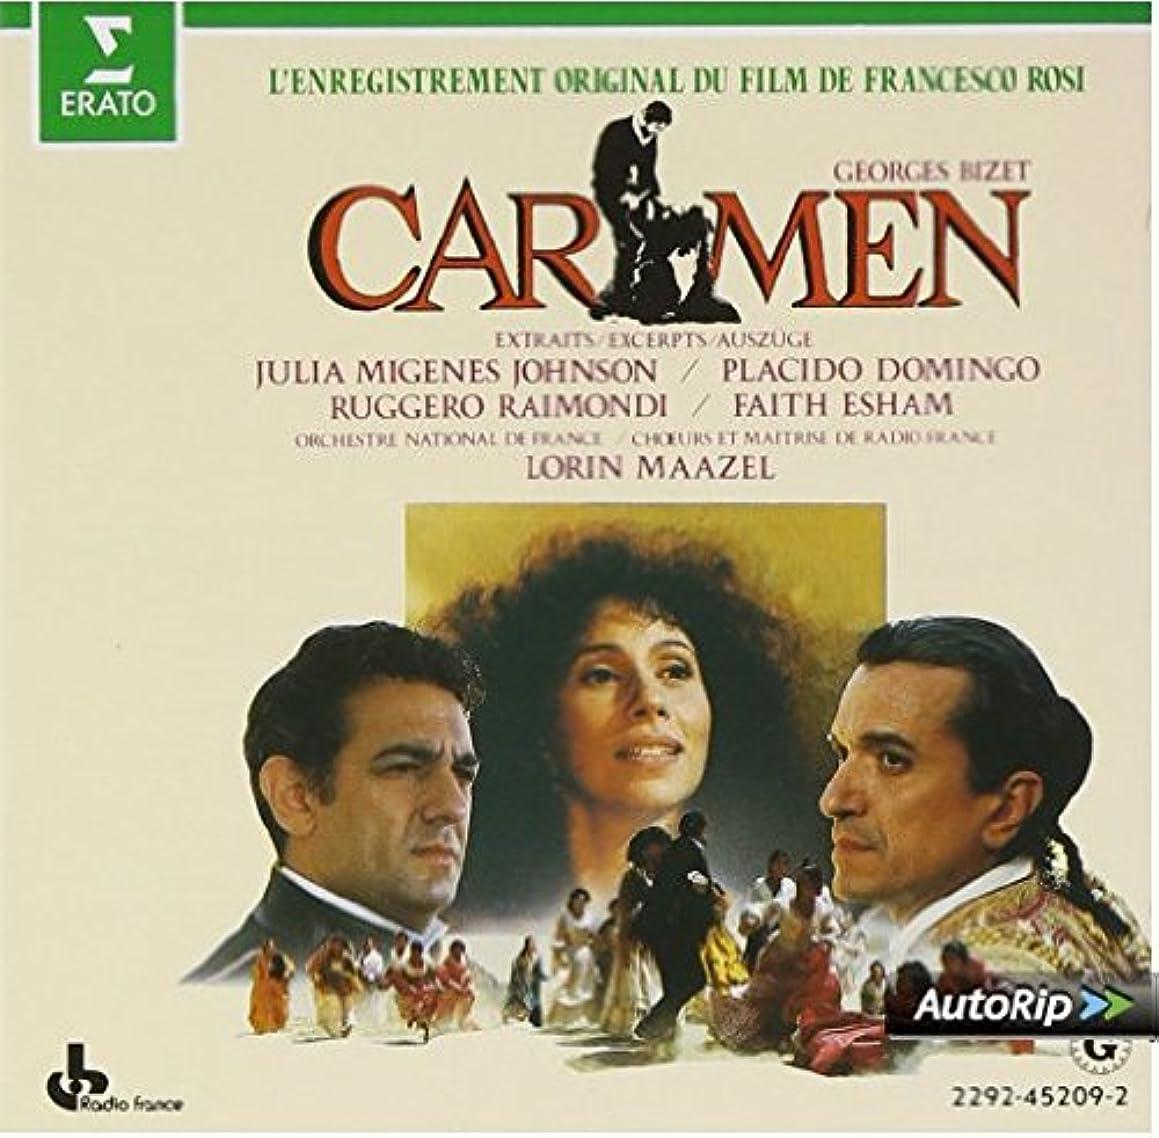 Bizet: Carmen / Maazel 1984 film  highlights